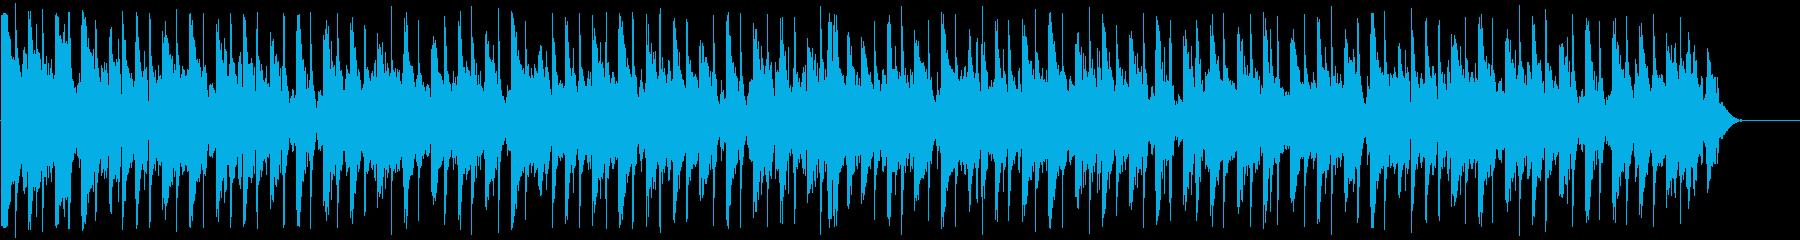 きらびやかなファンクディスコ_612_4の再生済みの波形